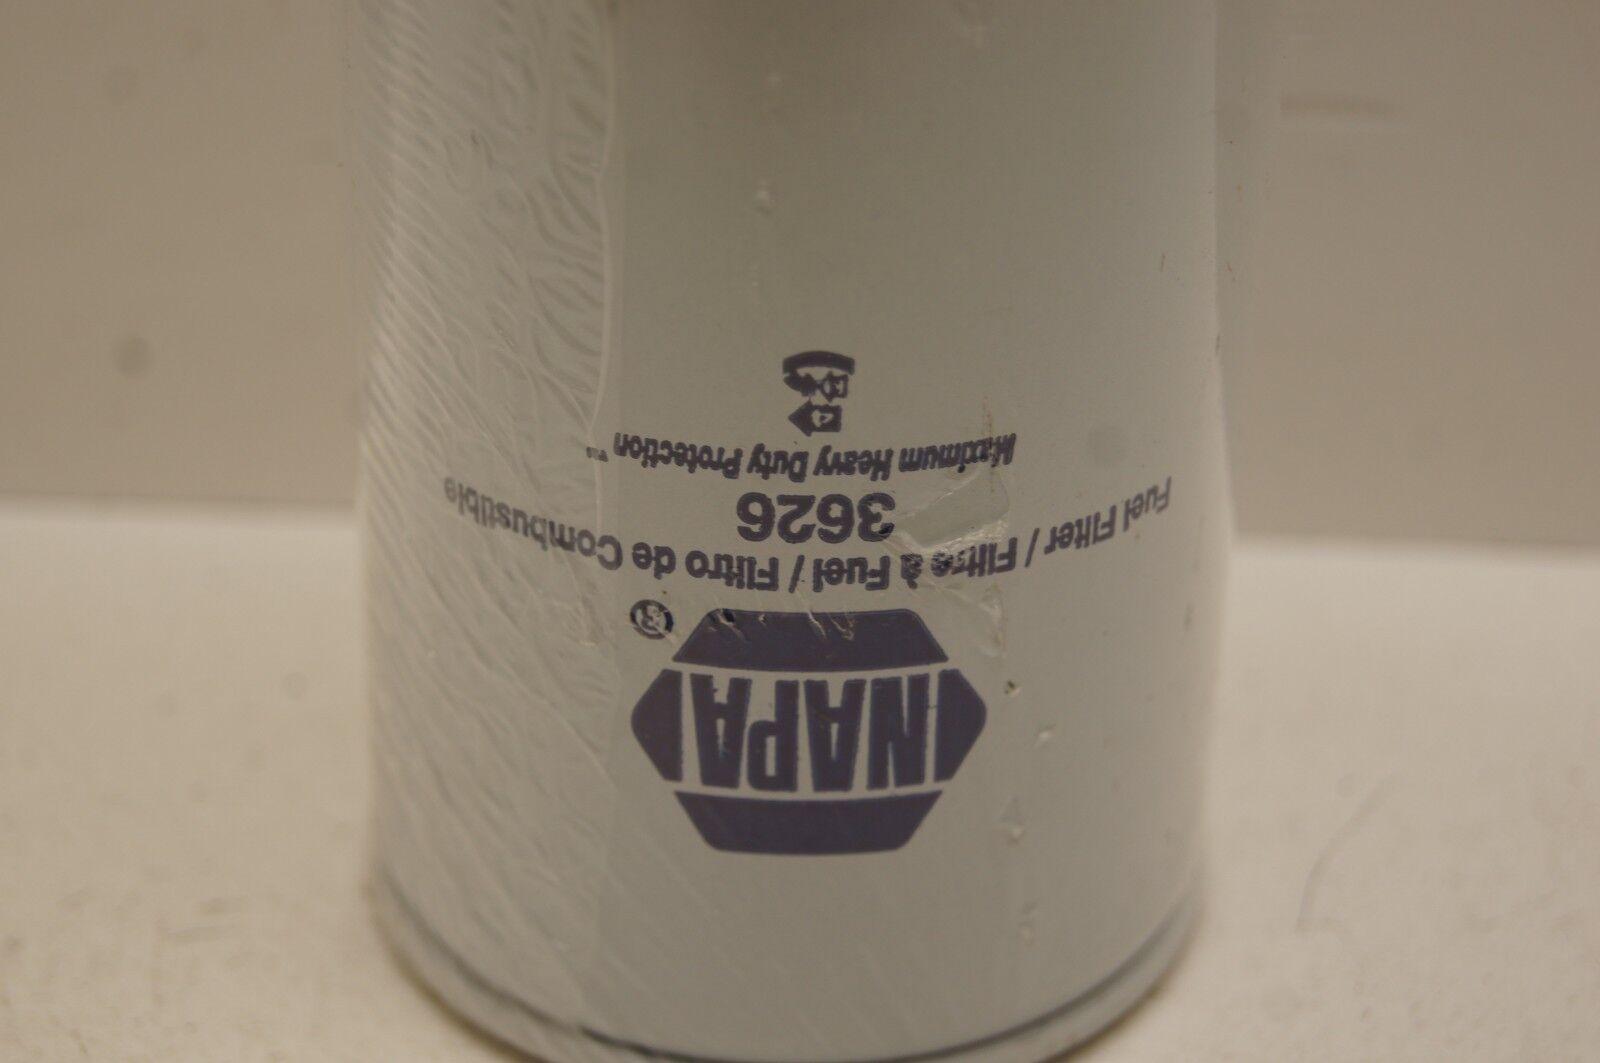 3626 NAPA Gold Fuel Filter WIX 33626 for sale online | eBay